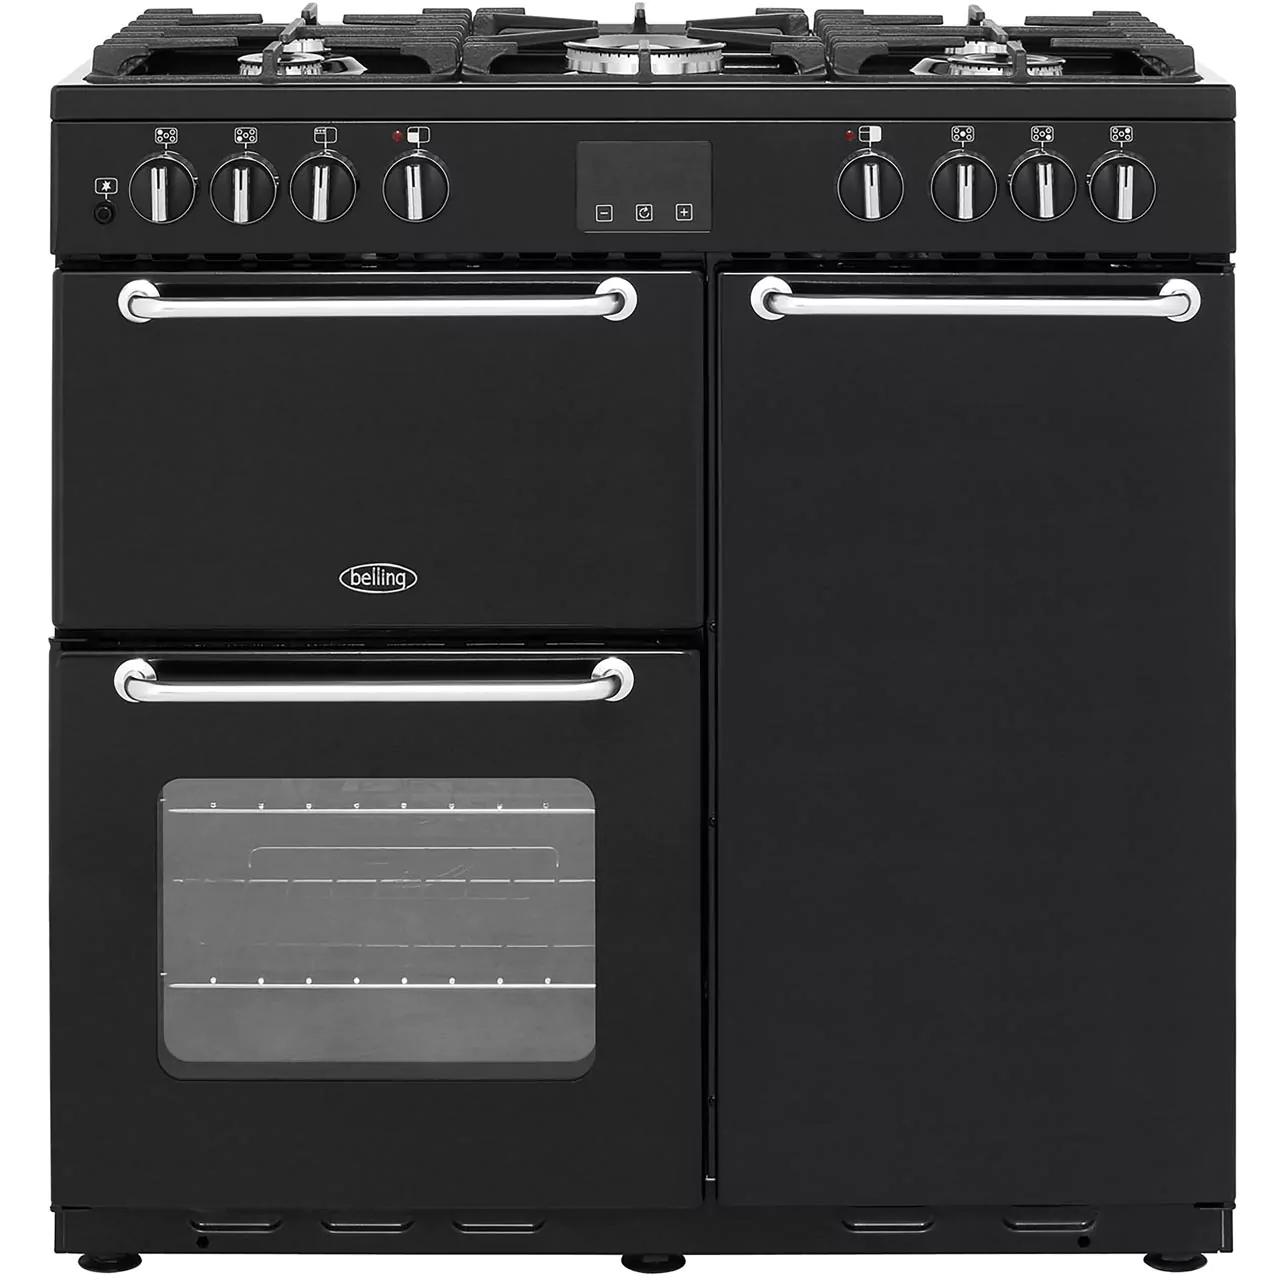 Belling SANDRINGHAM90DFT 90cm Dual Fuel Range Cooker - Black/Cream/Silver £629.10 delivered @ AO